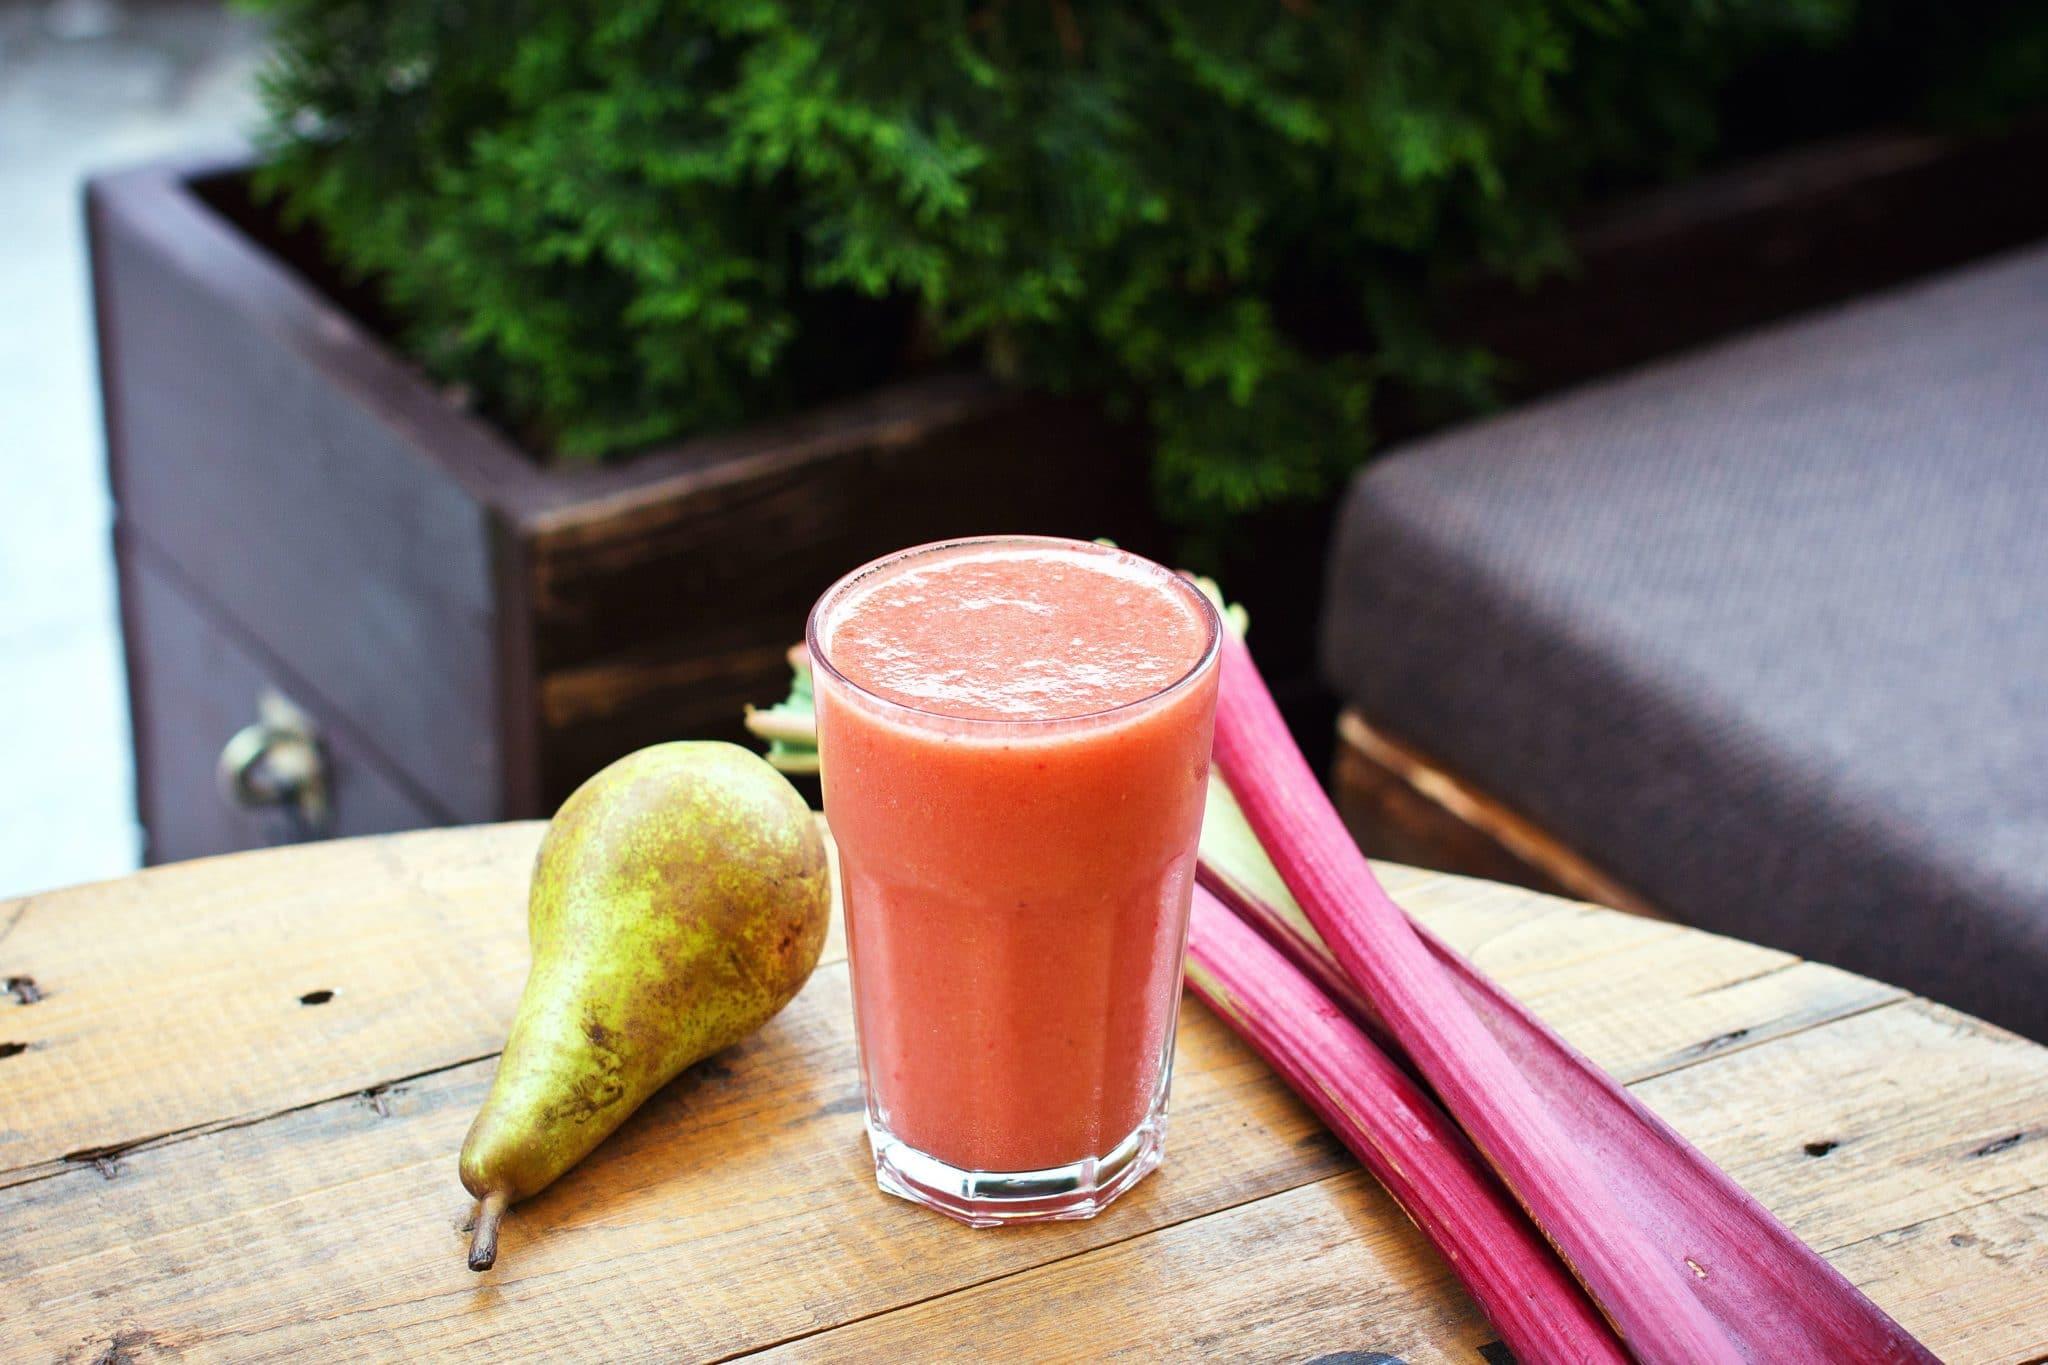 healthy juice, glass of juice